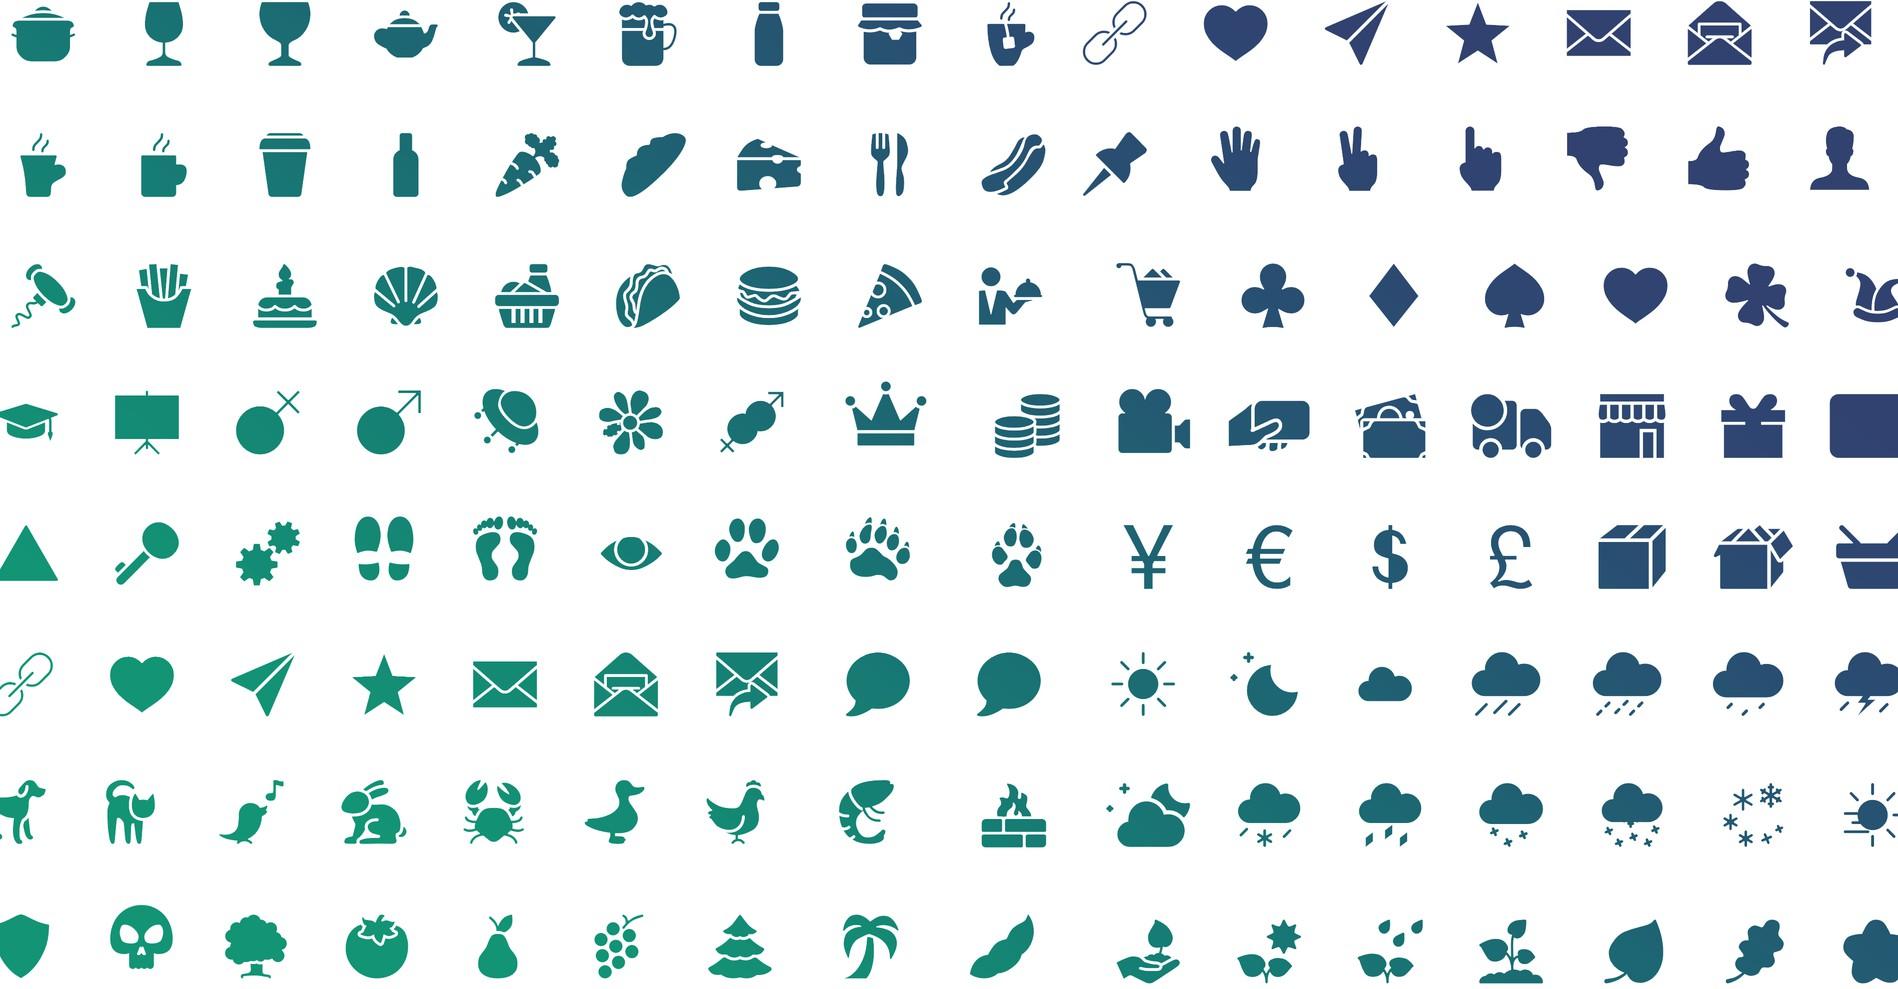 Una libreria di 3000 icone